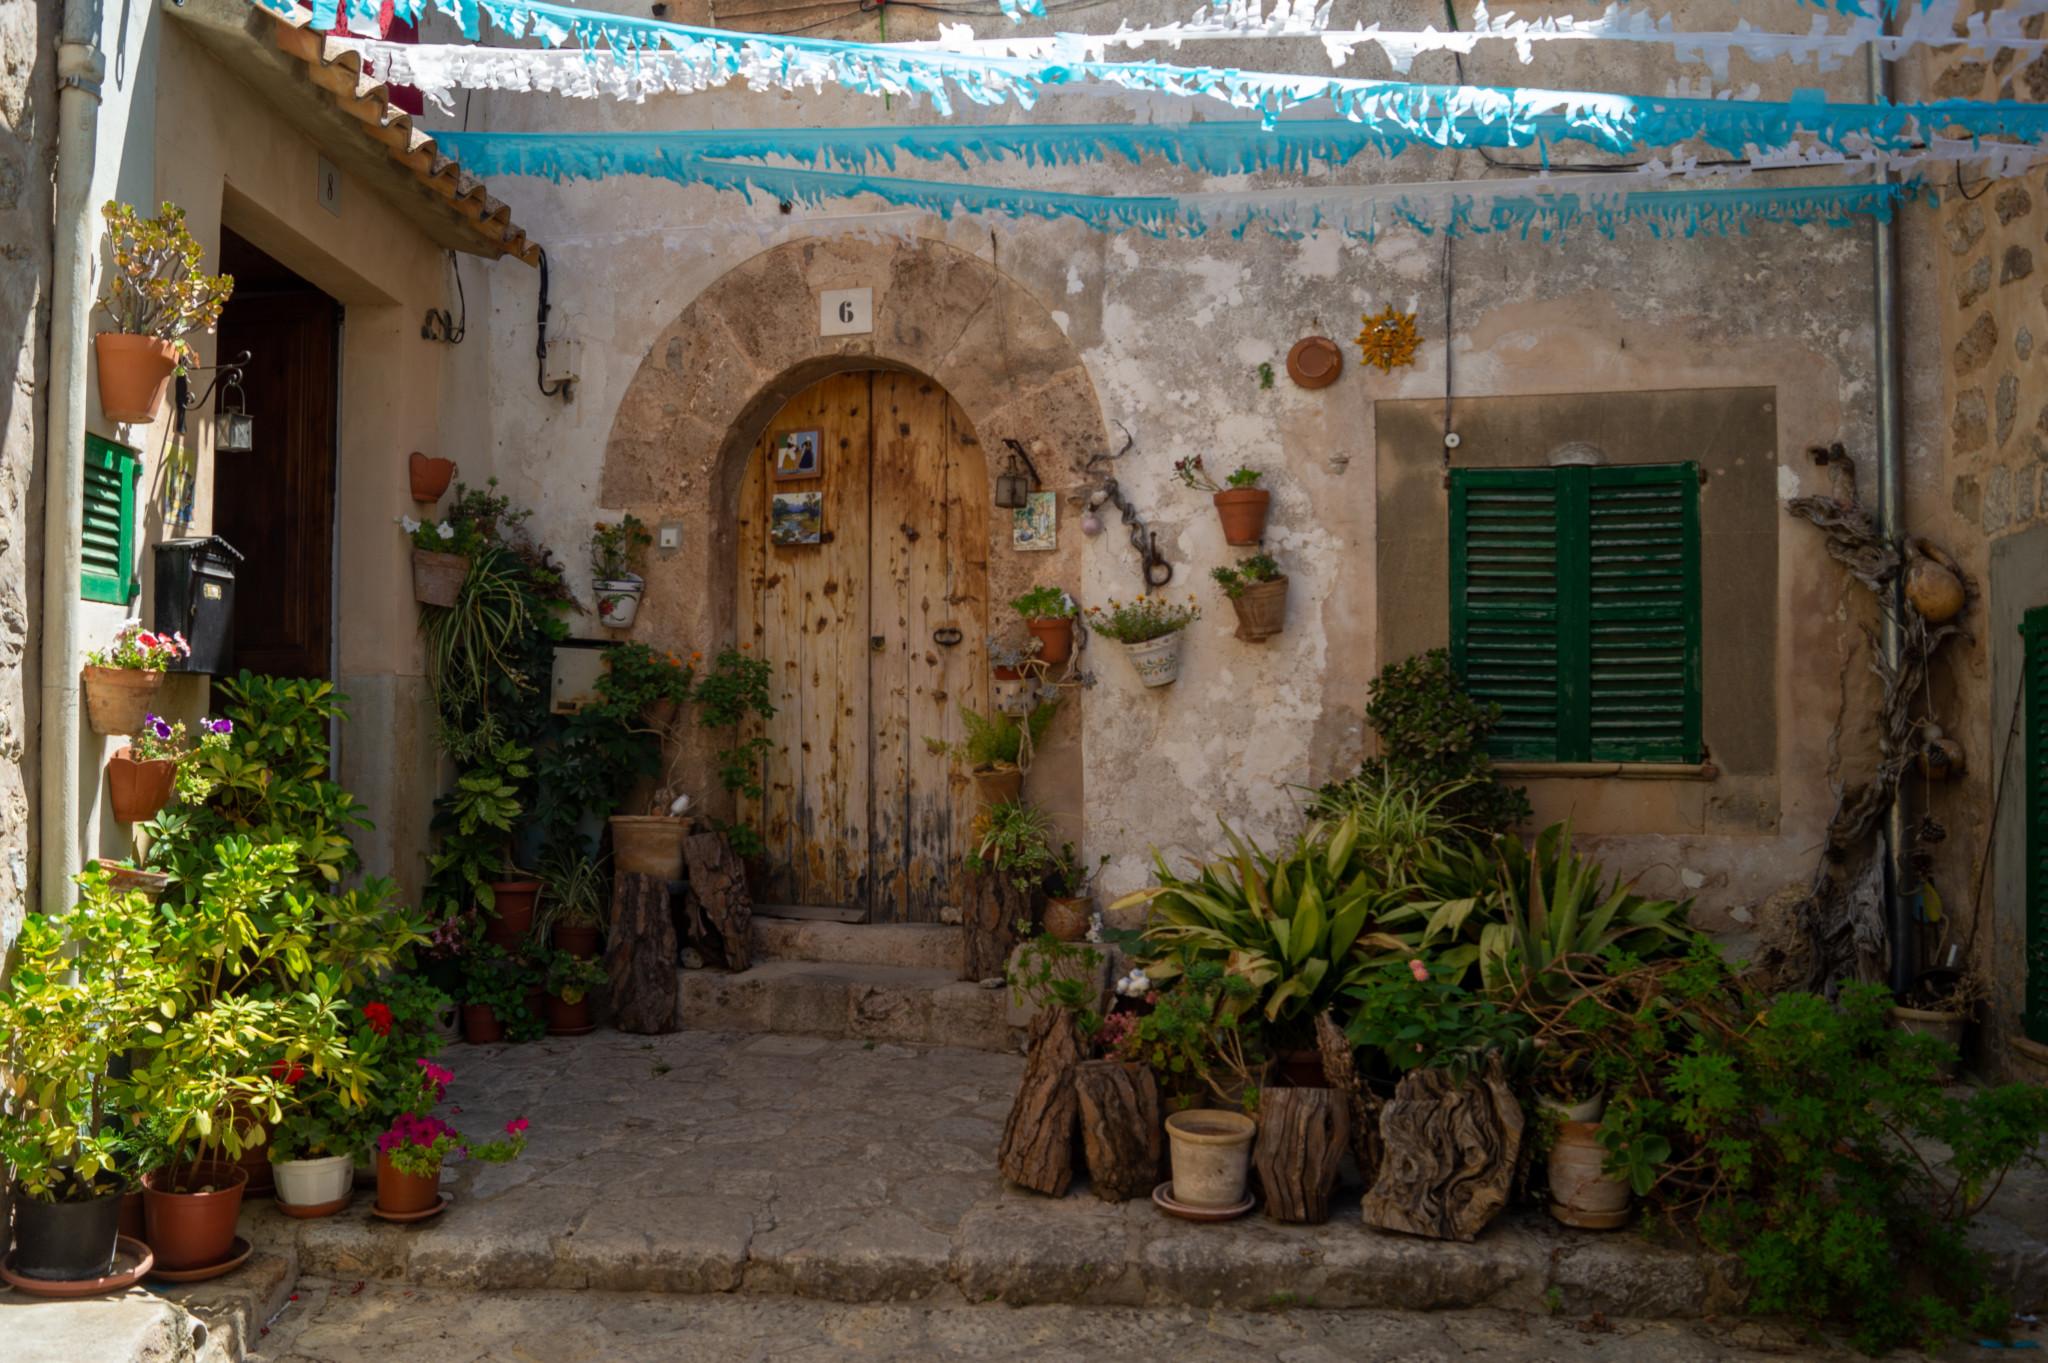 Typische Fassade in Valldemossa auf Mallorca